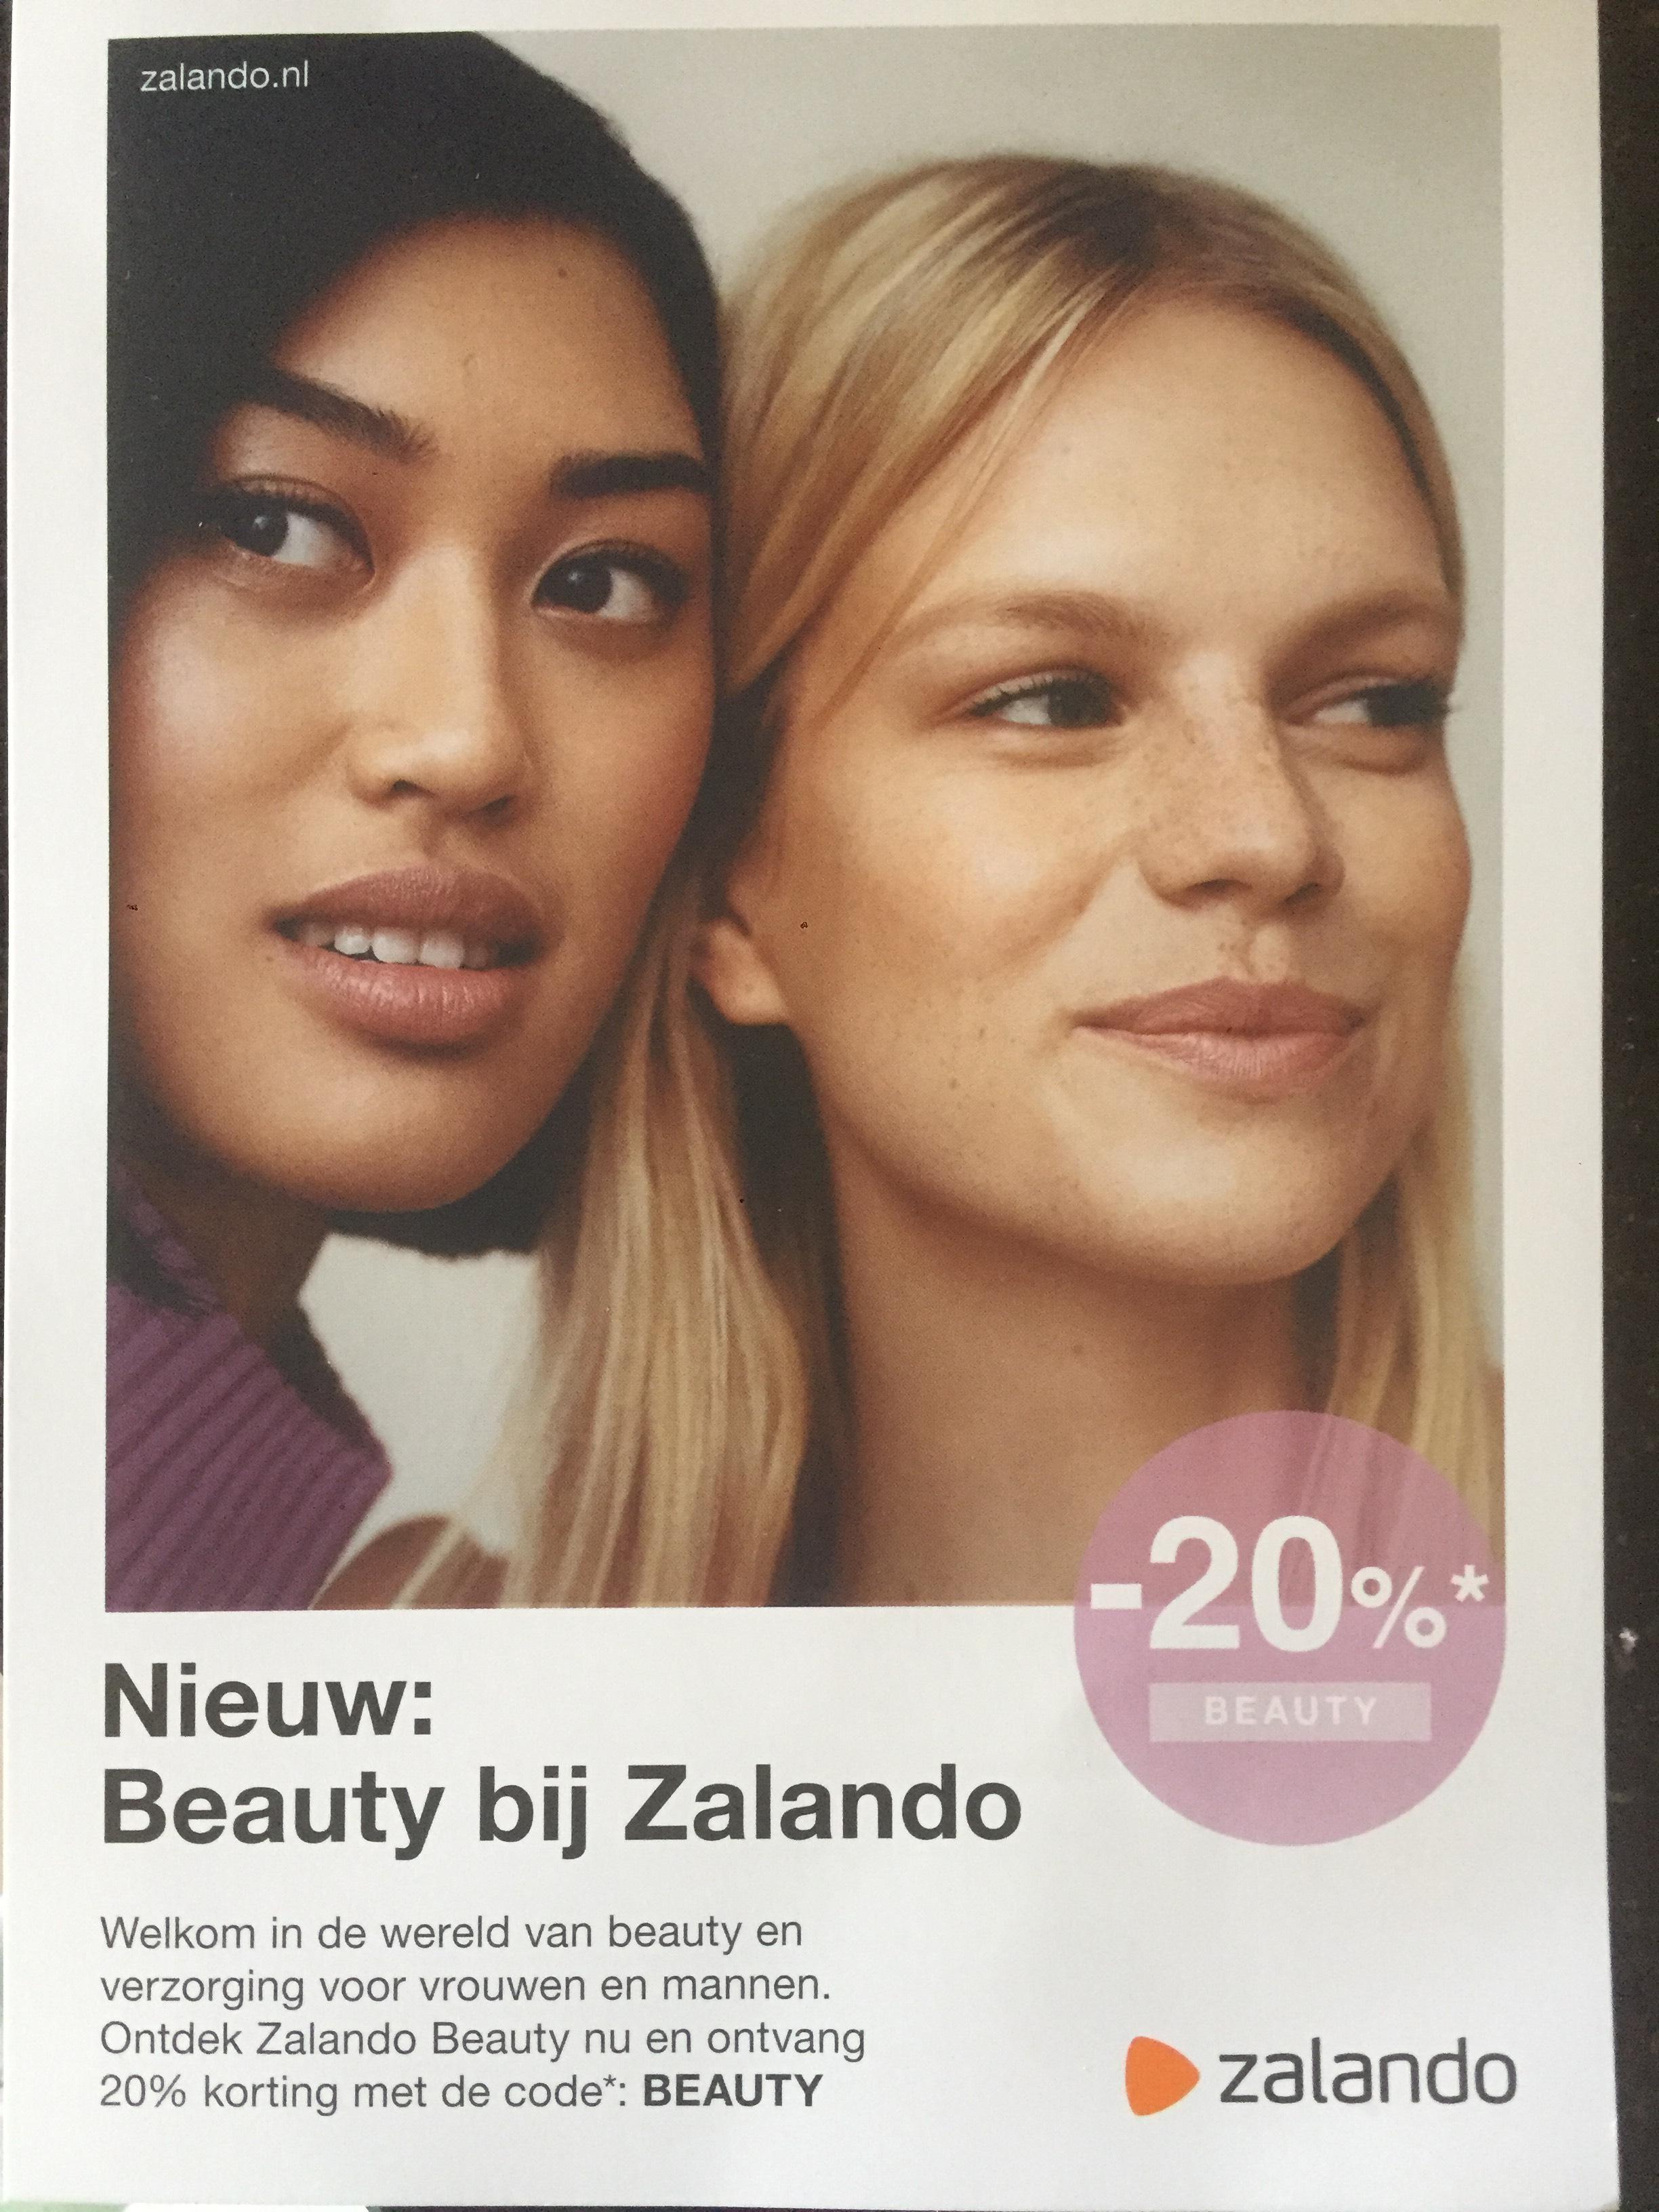 20% korting bij zalando op beauty producten als clinique estee lauder etc